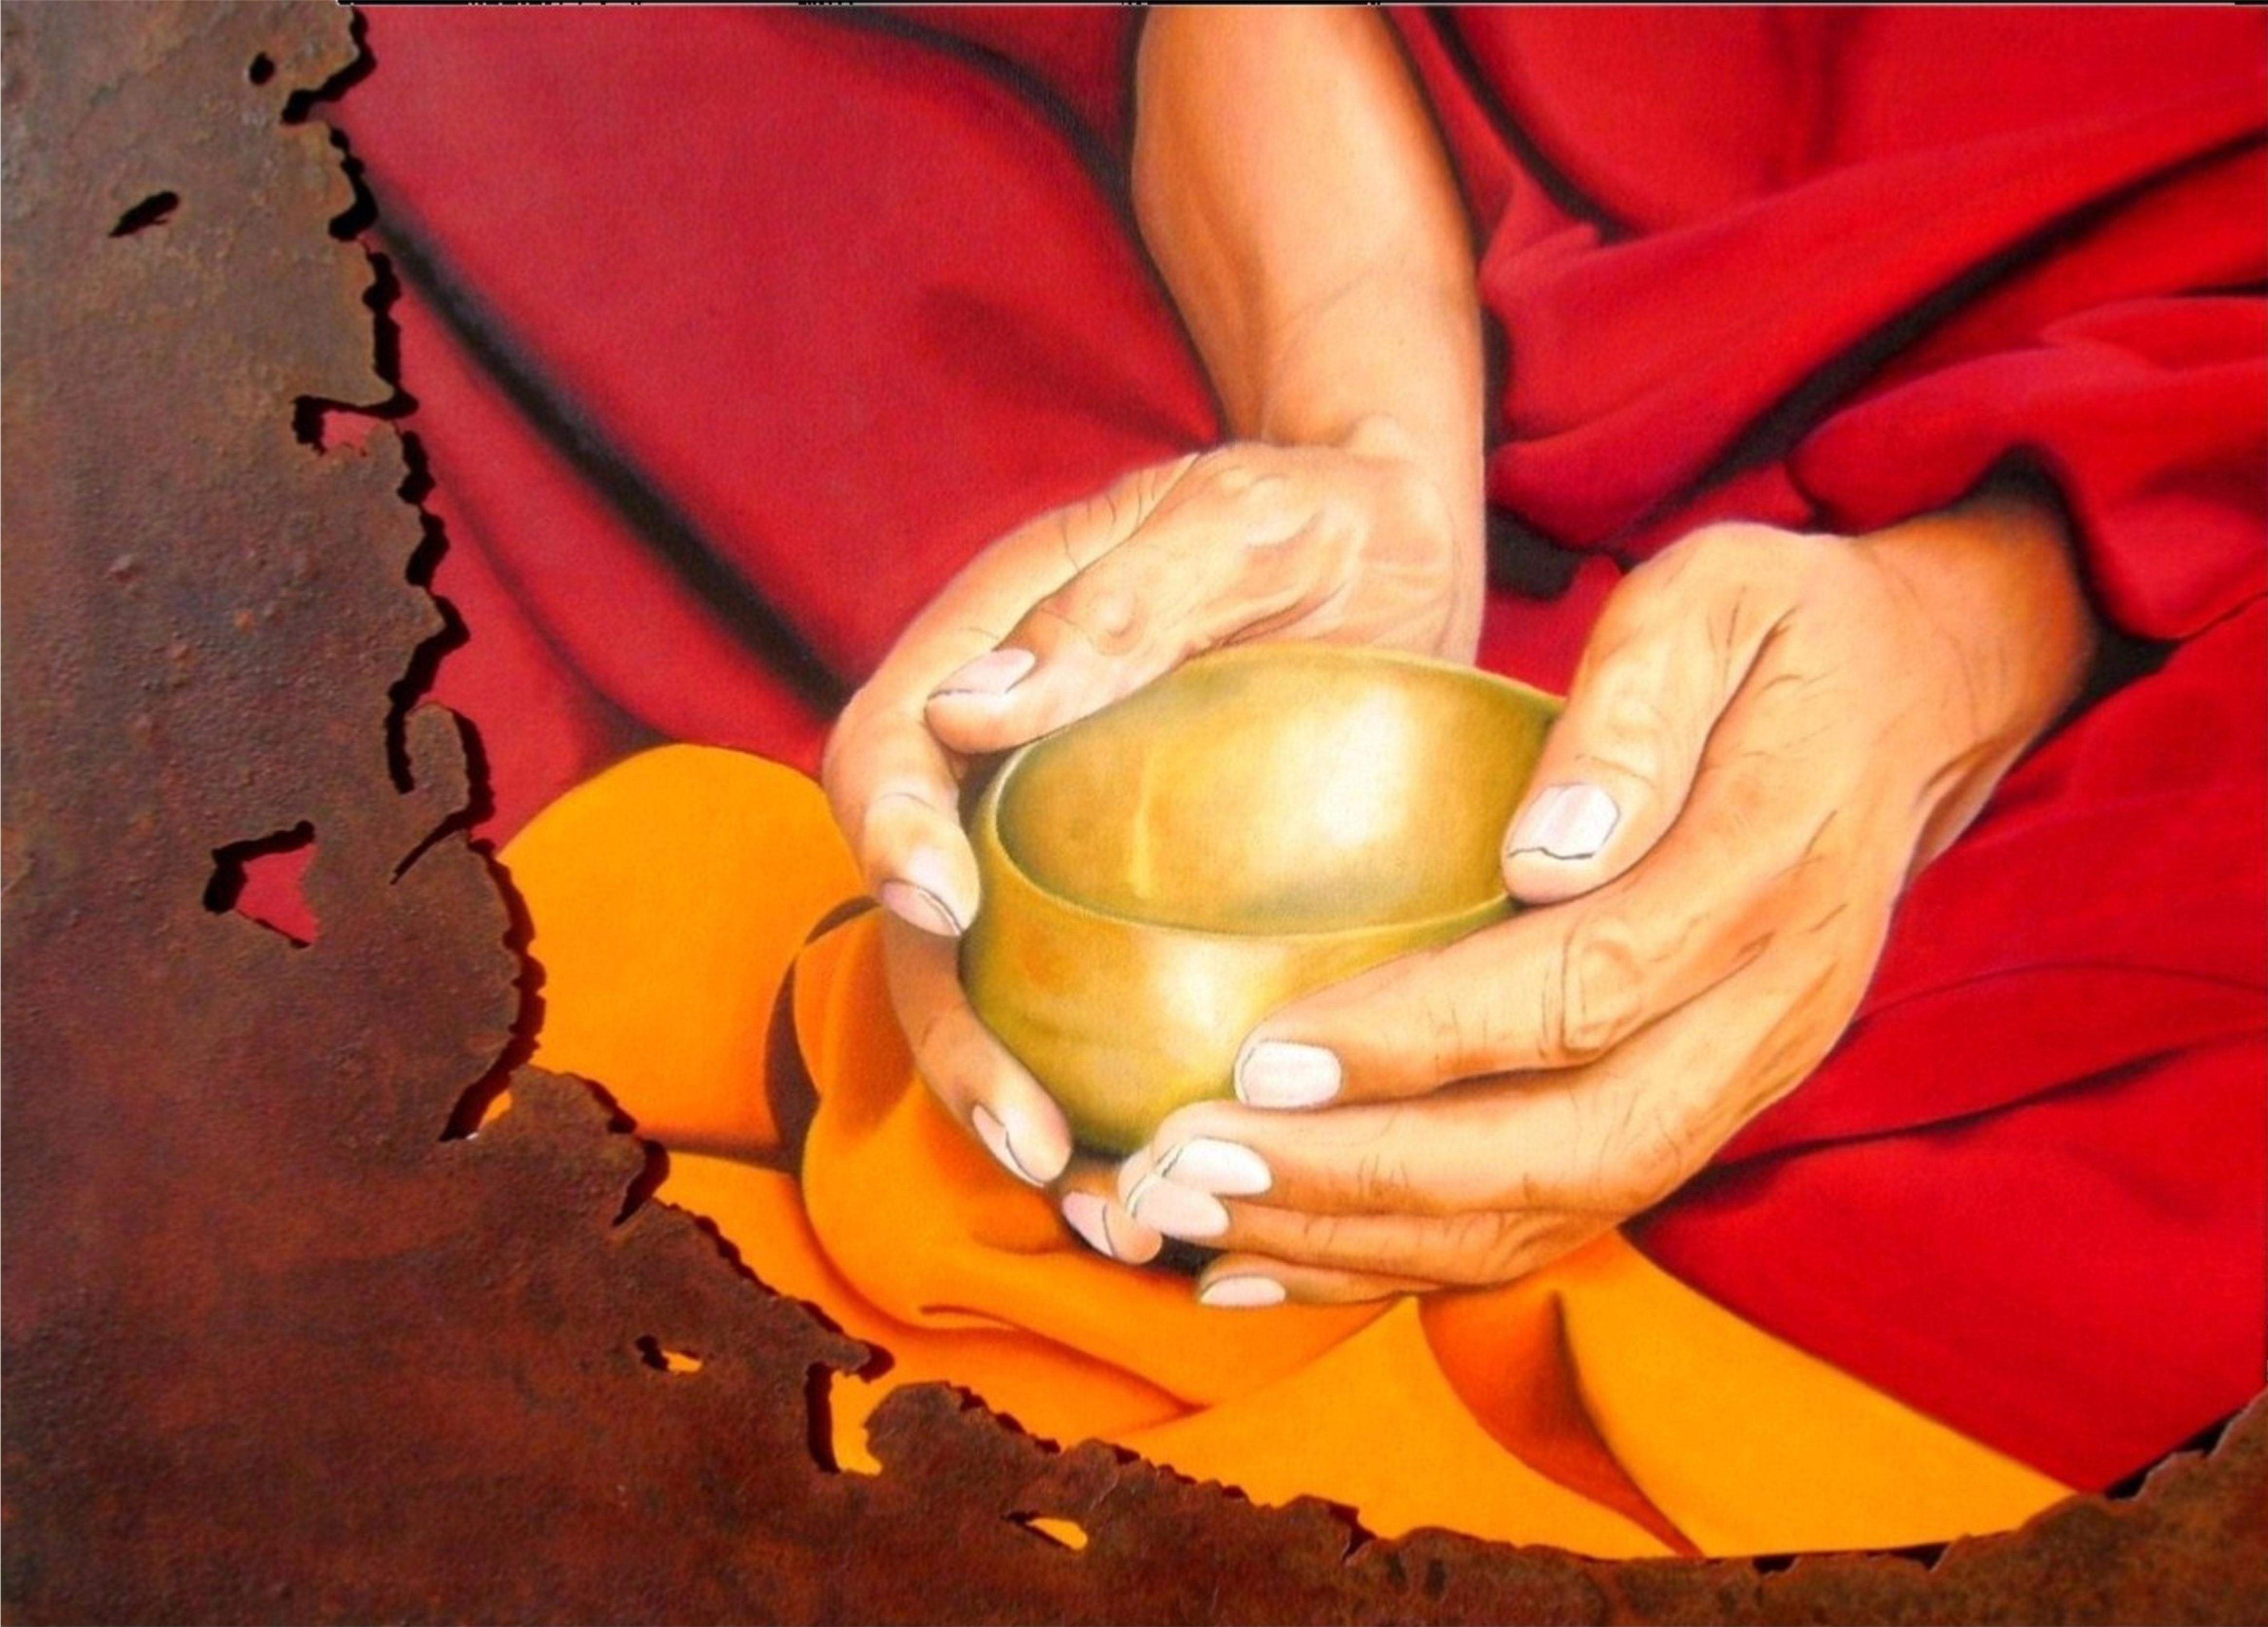 Tibet'ain